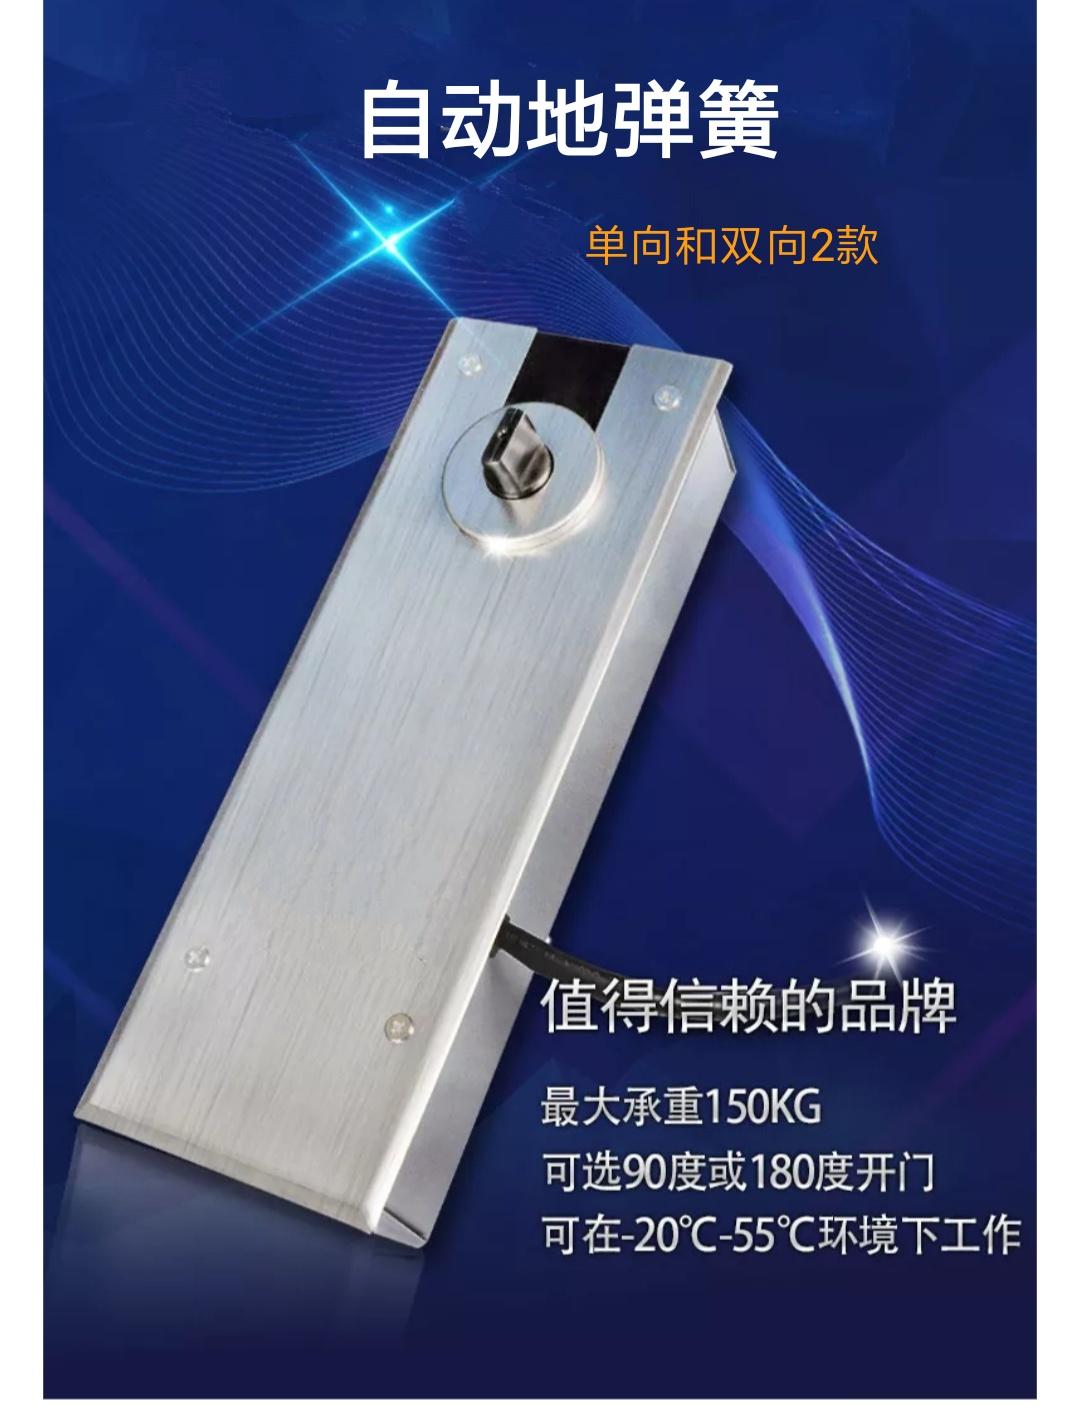 自动地弹簧 电动平开门  90度和180度2款